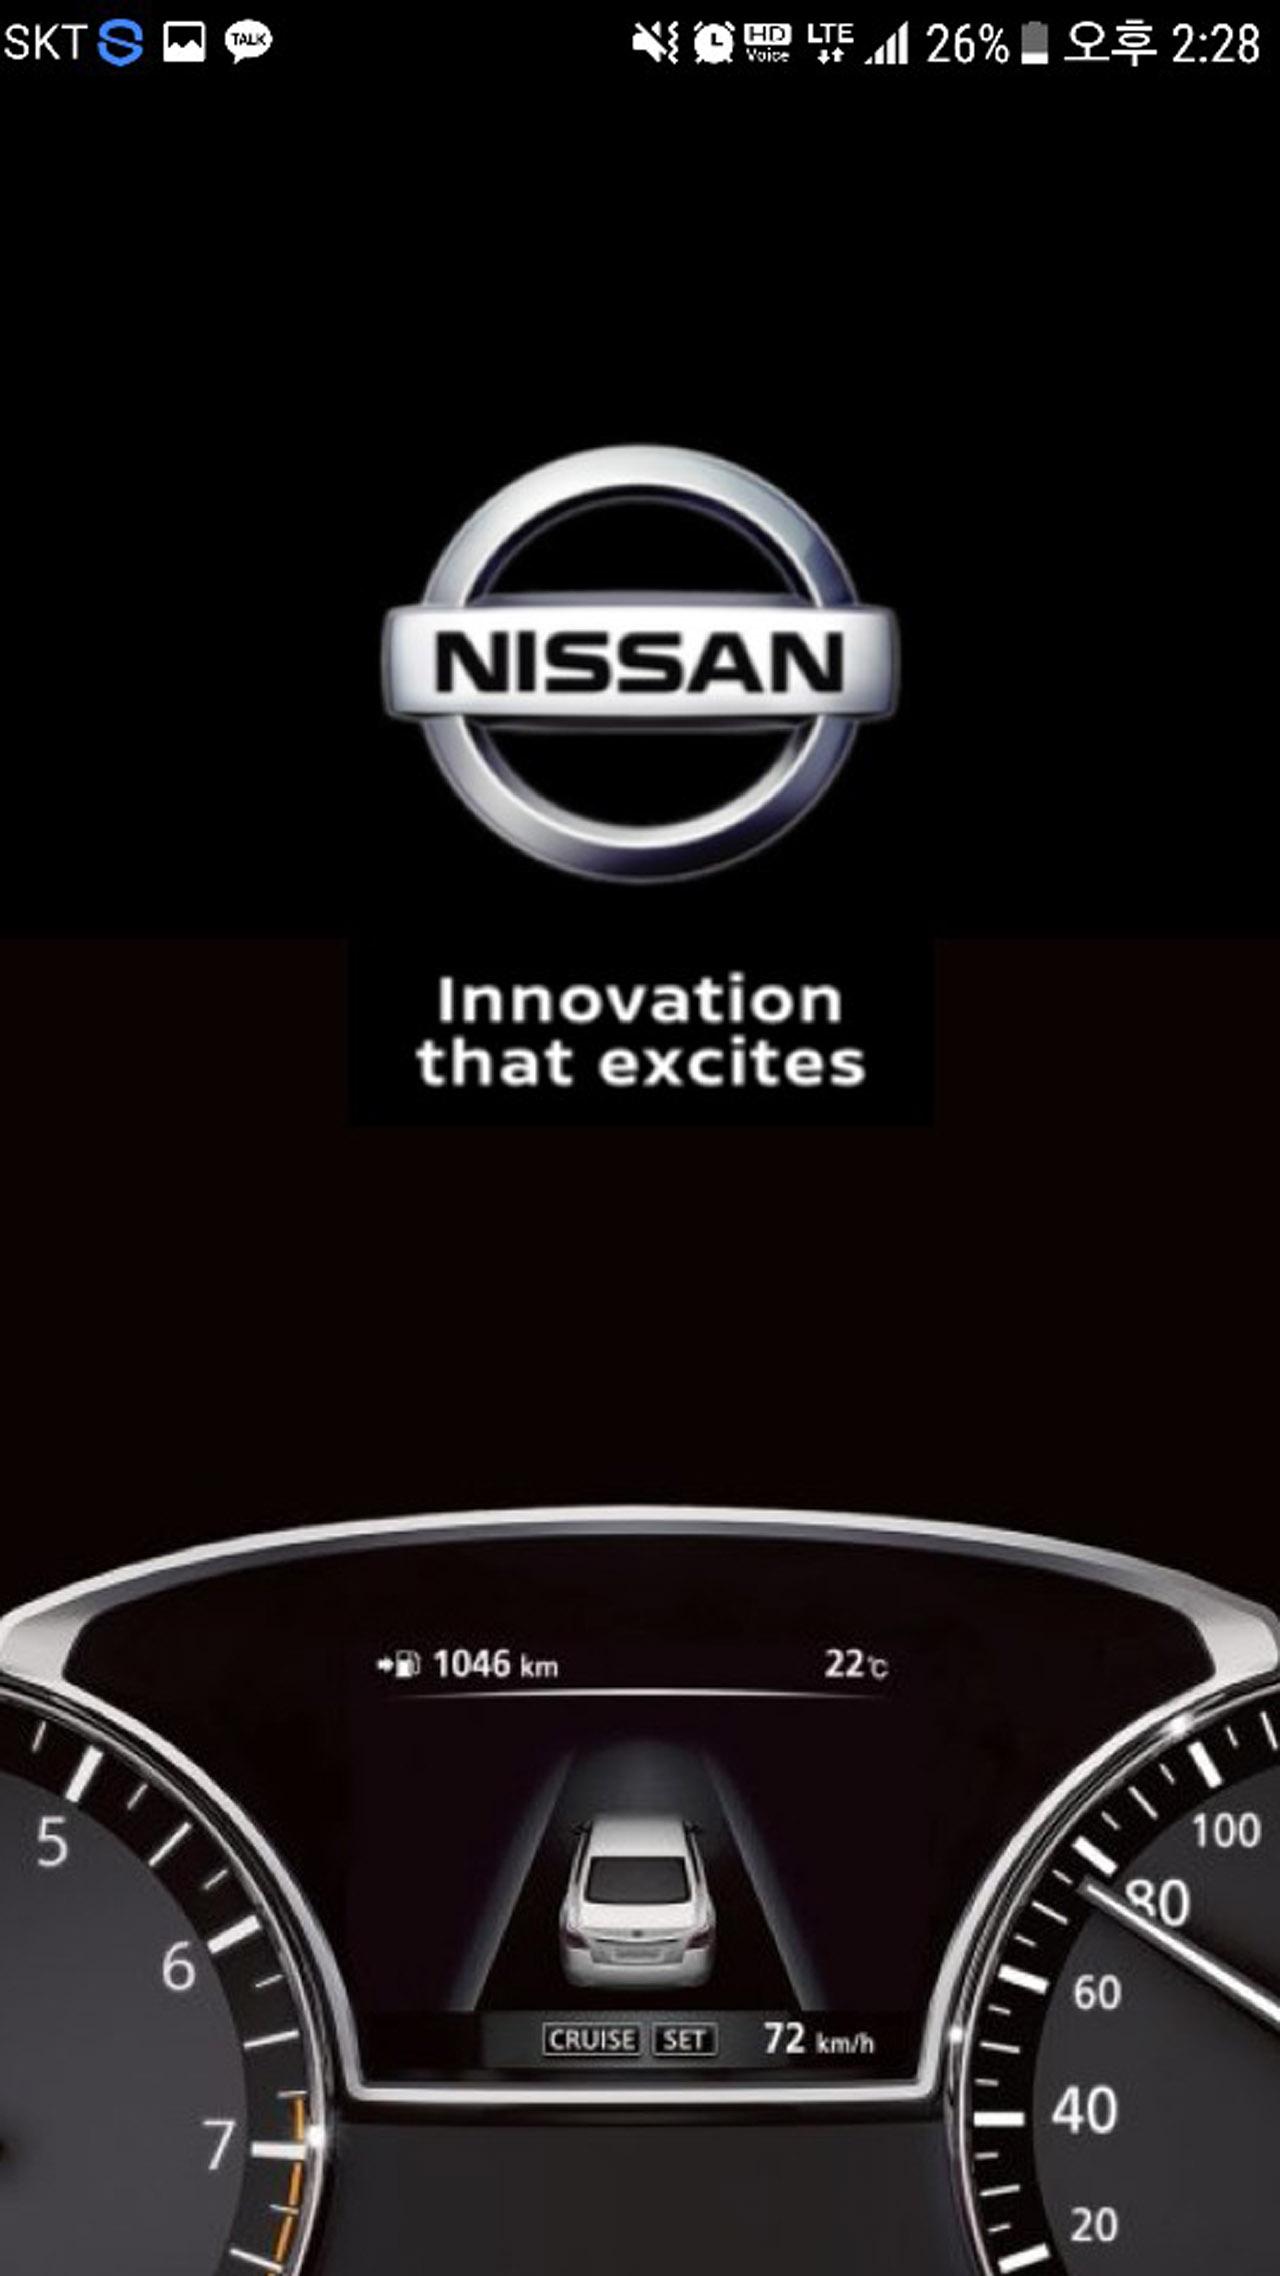 [사진자료] 한국닛산, 서비스 어플리케이션 마이 닛산(My Nissan) 공식 론칭 (2)